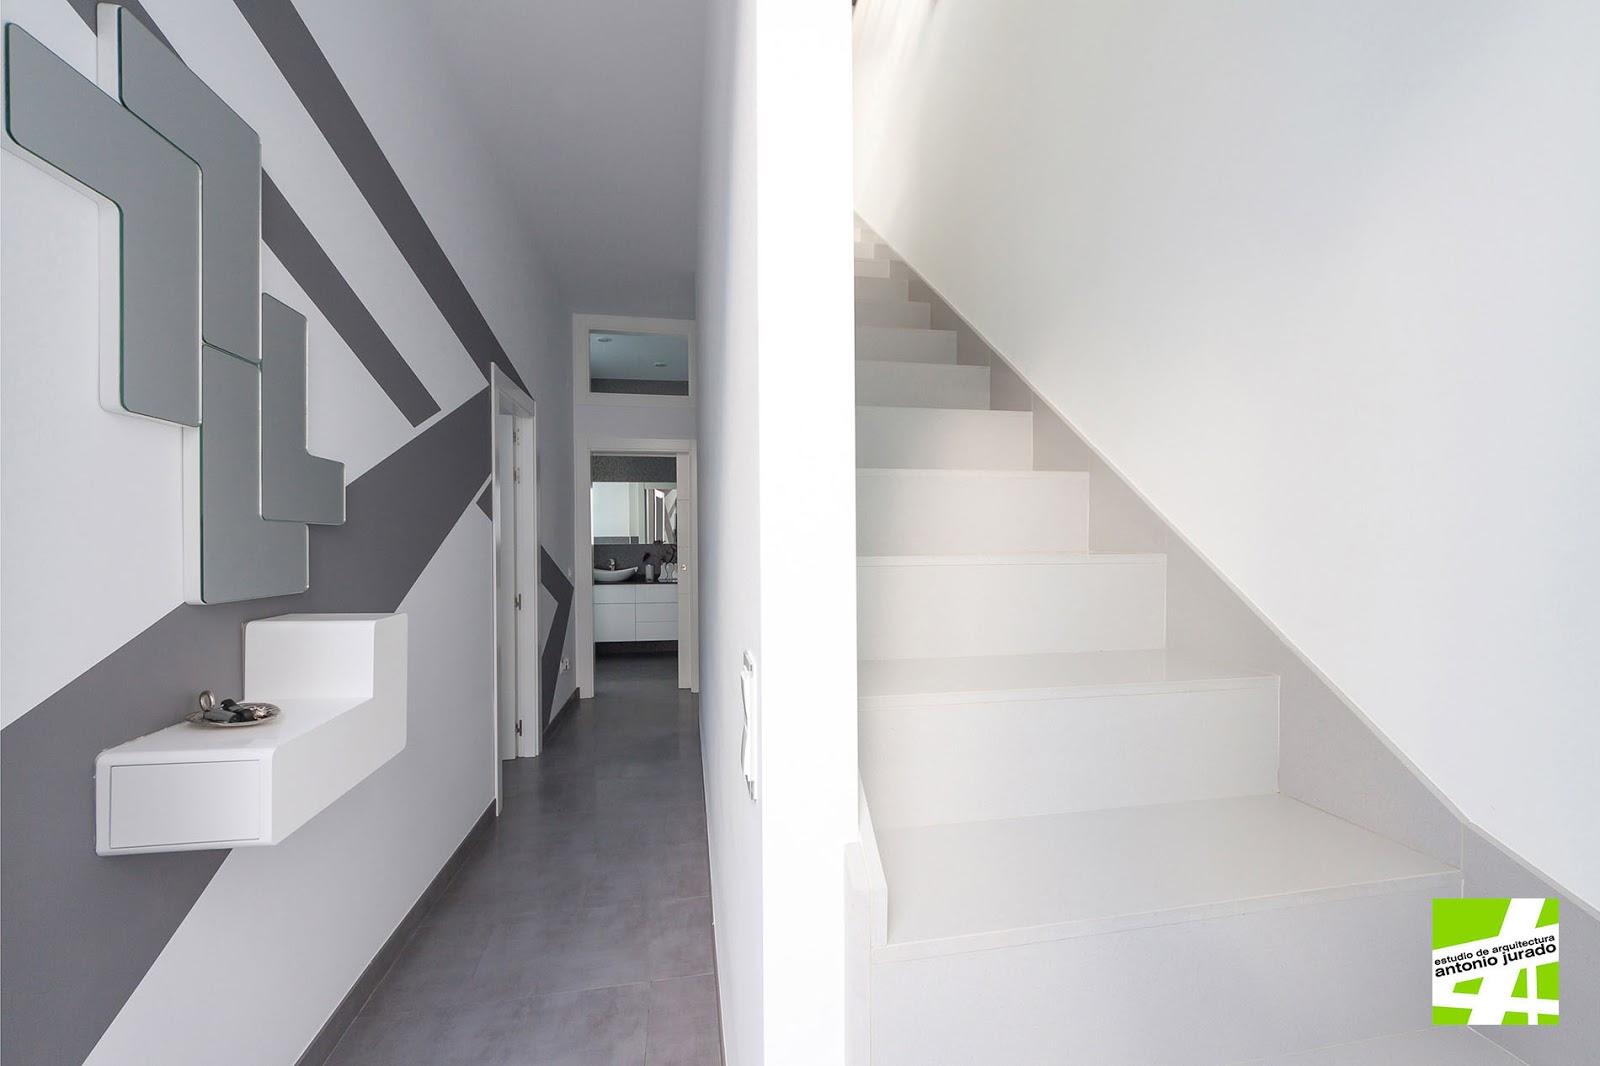 casa-tr-vivienda-unifamiliar-torrox-malaga-antonio-jurado-arquitecto-06